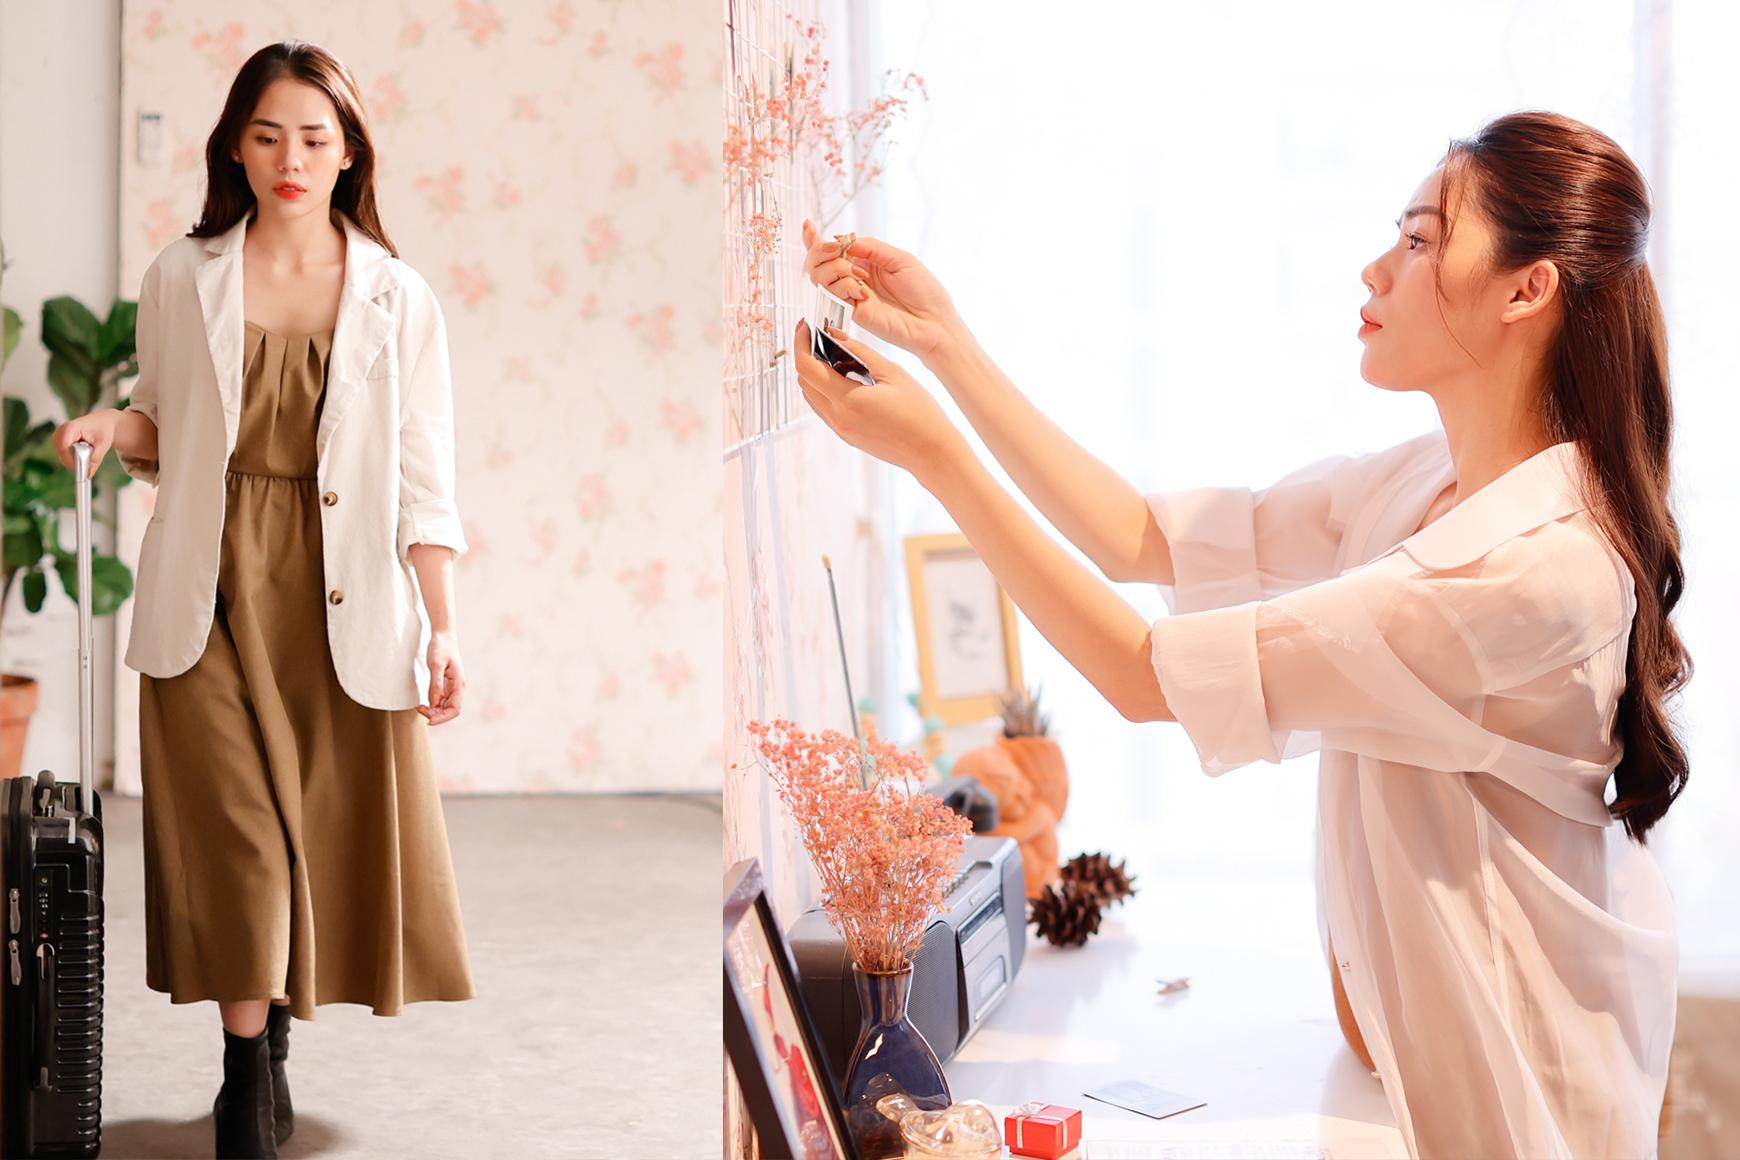 Bạn song ca Hương Ly - diễn vai nữ chính, cũng day dứt không kém. Cô ngậm ngùi dọn dẹp những bức ảnh chứa đựng kỷ niệm đẹp của mối tình đã qua và rời khỏi tổ ấm của hai người.